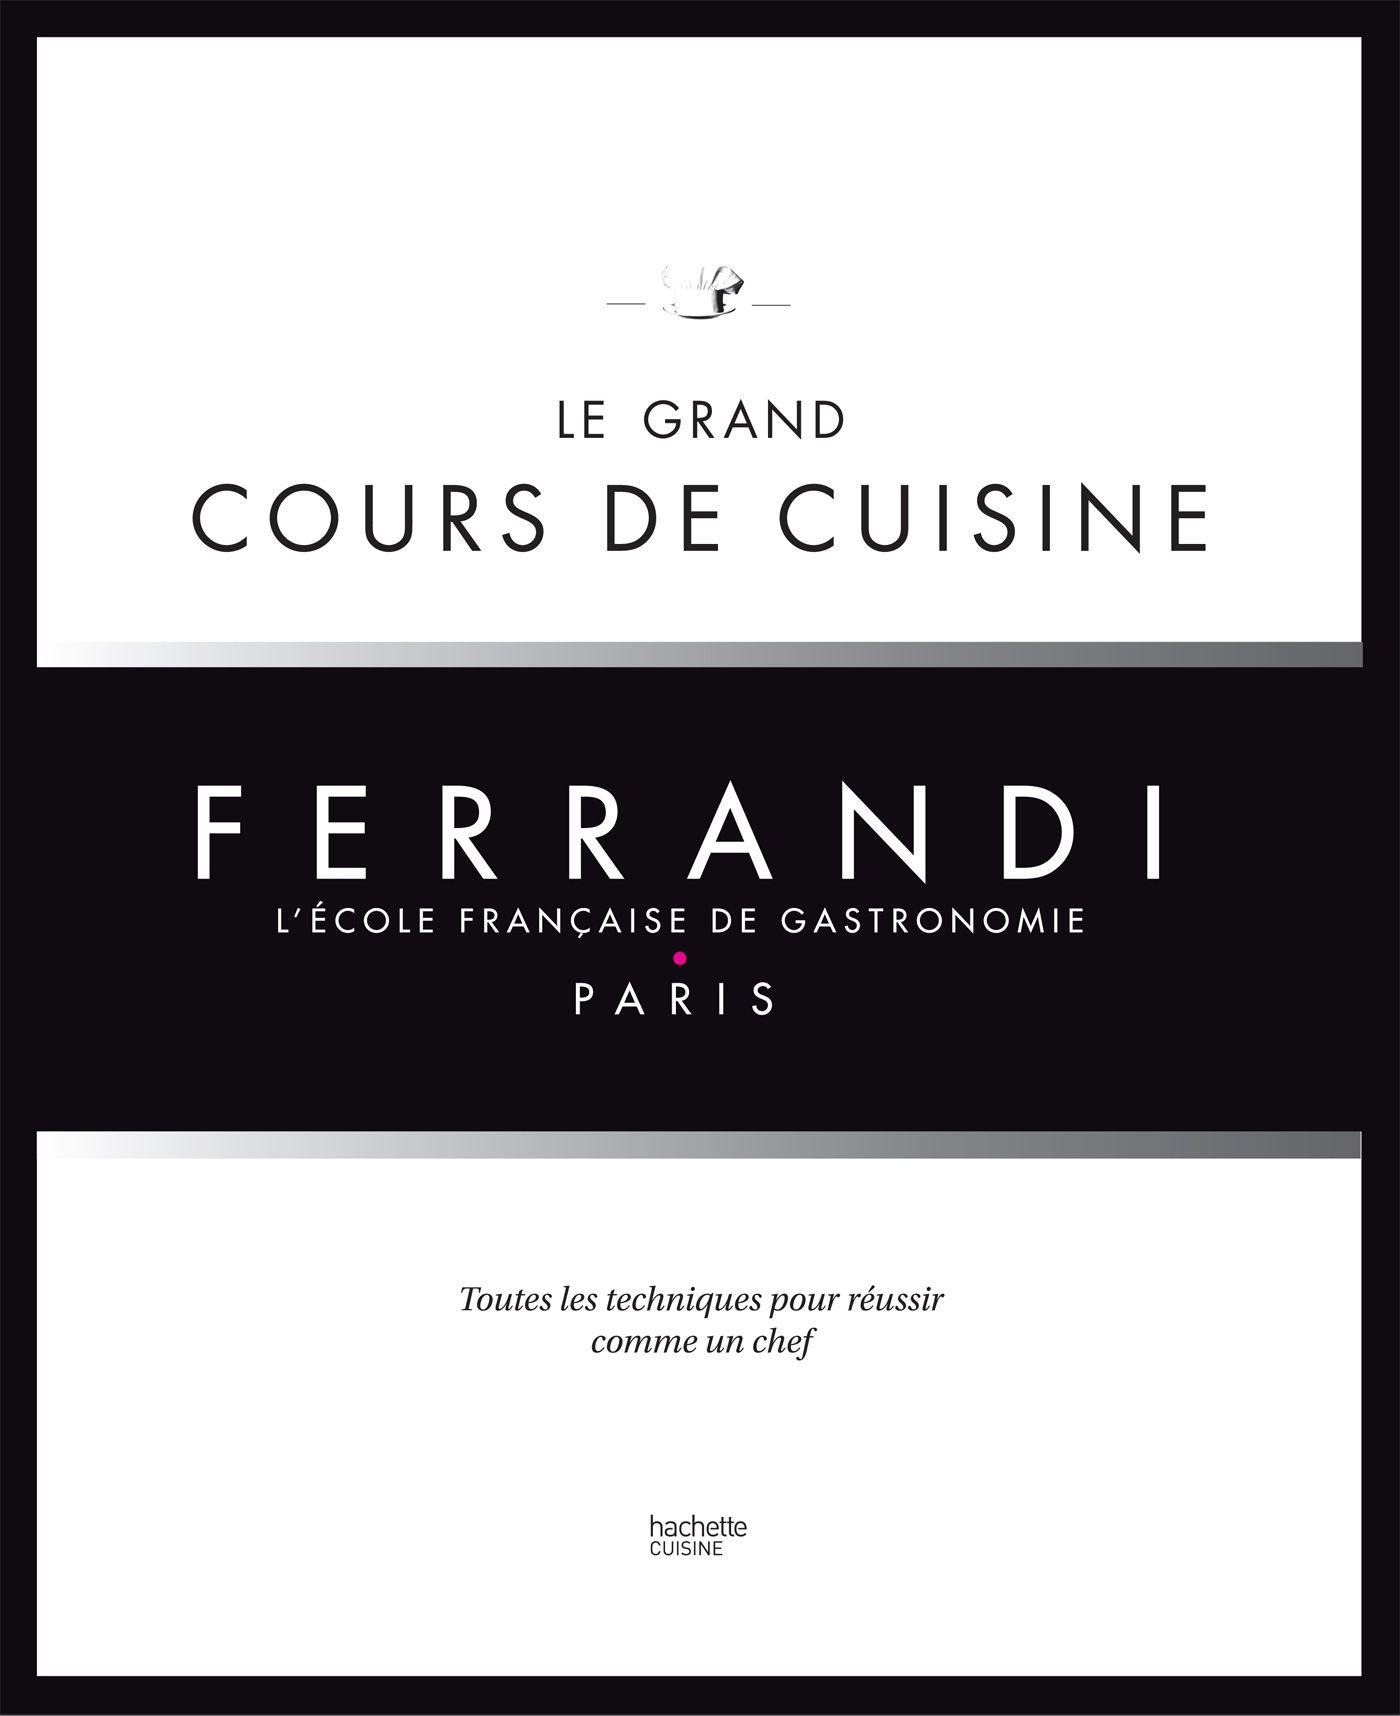 Le Grand Cours De Cuisine FERRANDI The Great Cooking Class Of - Cours de cuisine grand chef